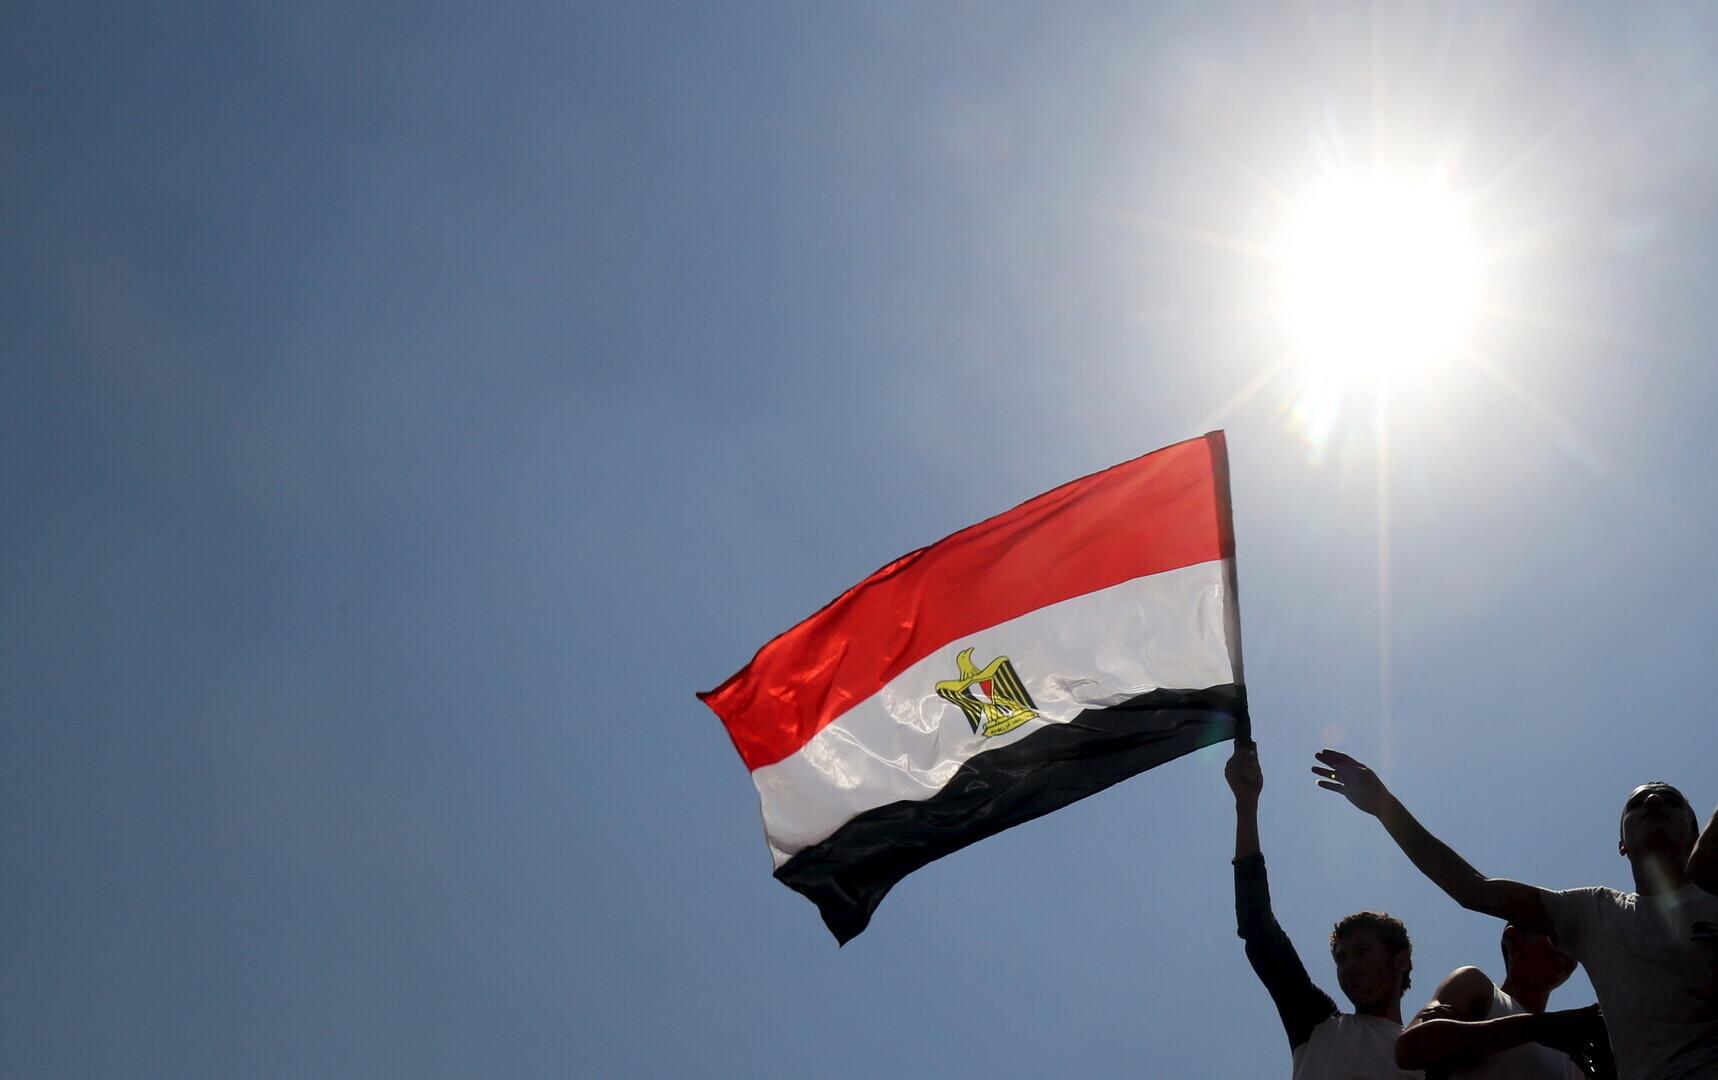 الحكومة المصرية تصدر بيانا بعد أنباء عن ارتفاع أسعار اللحوم